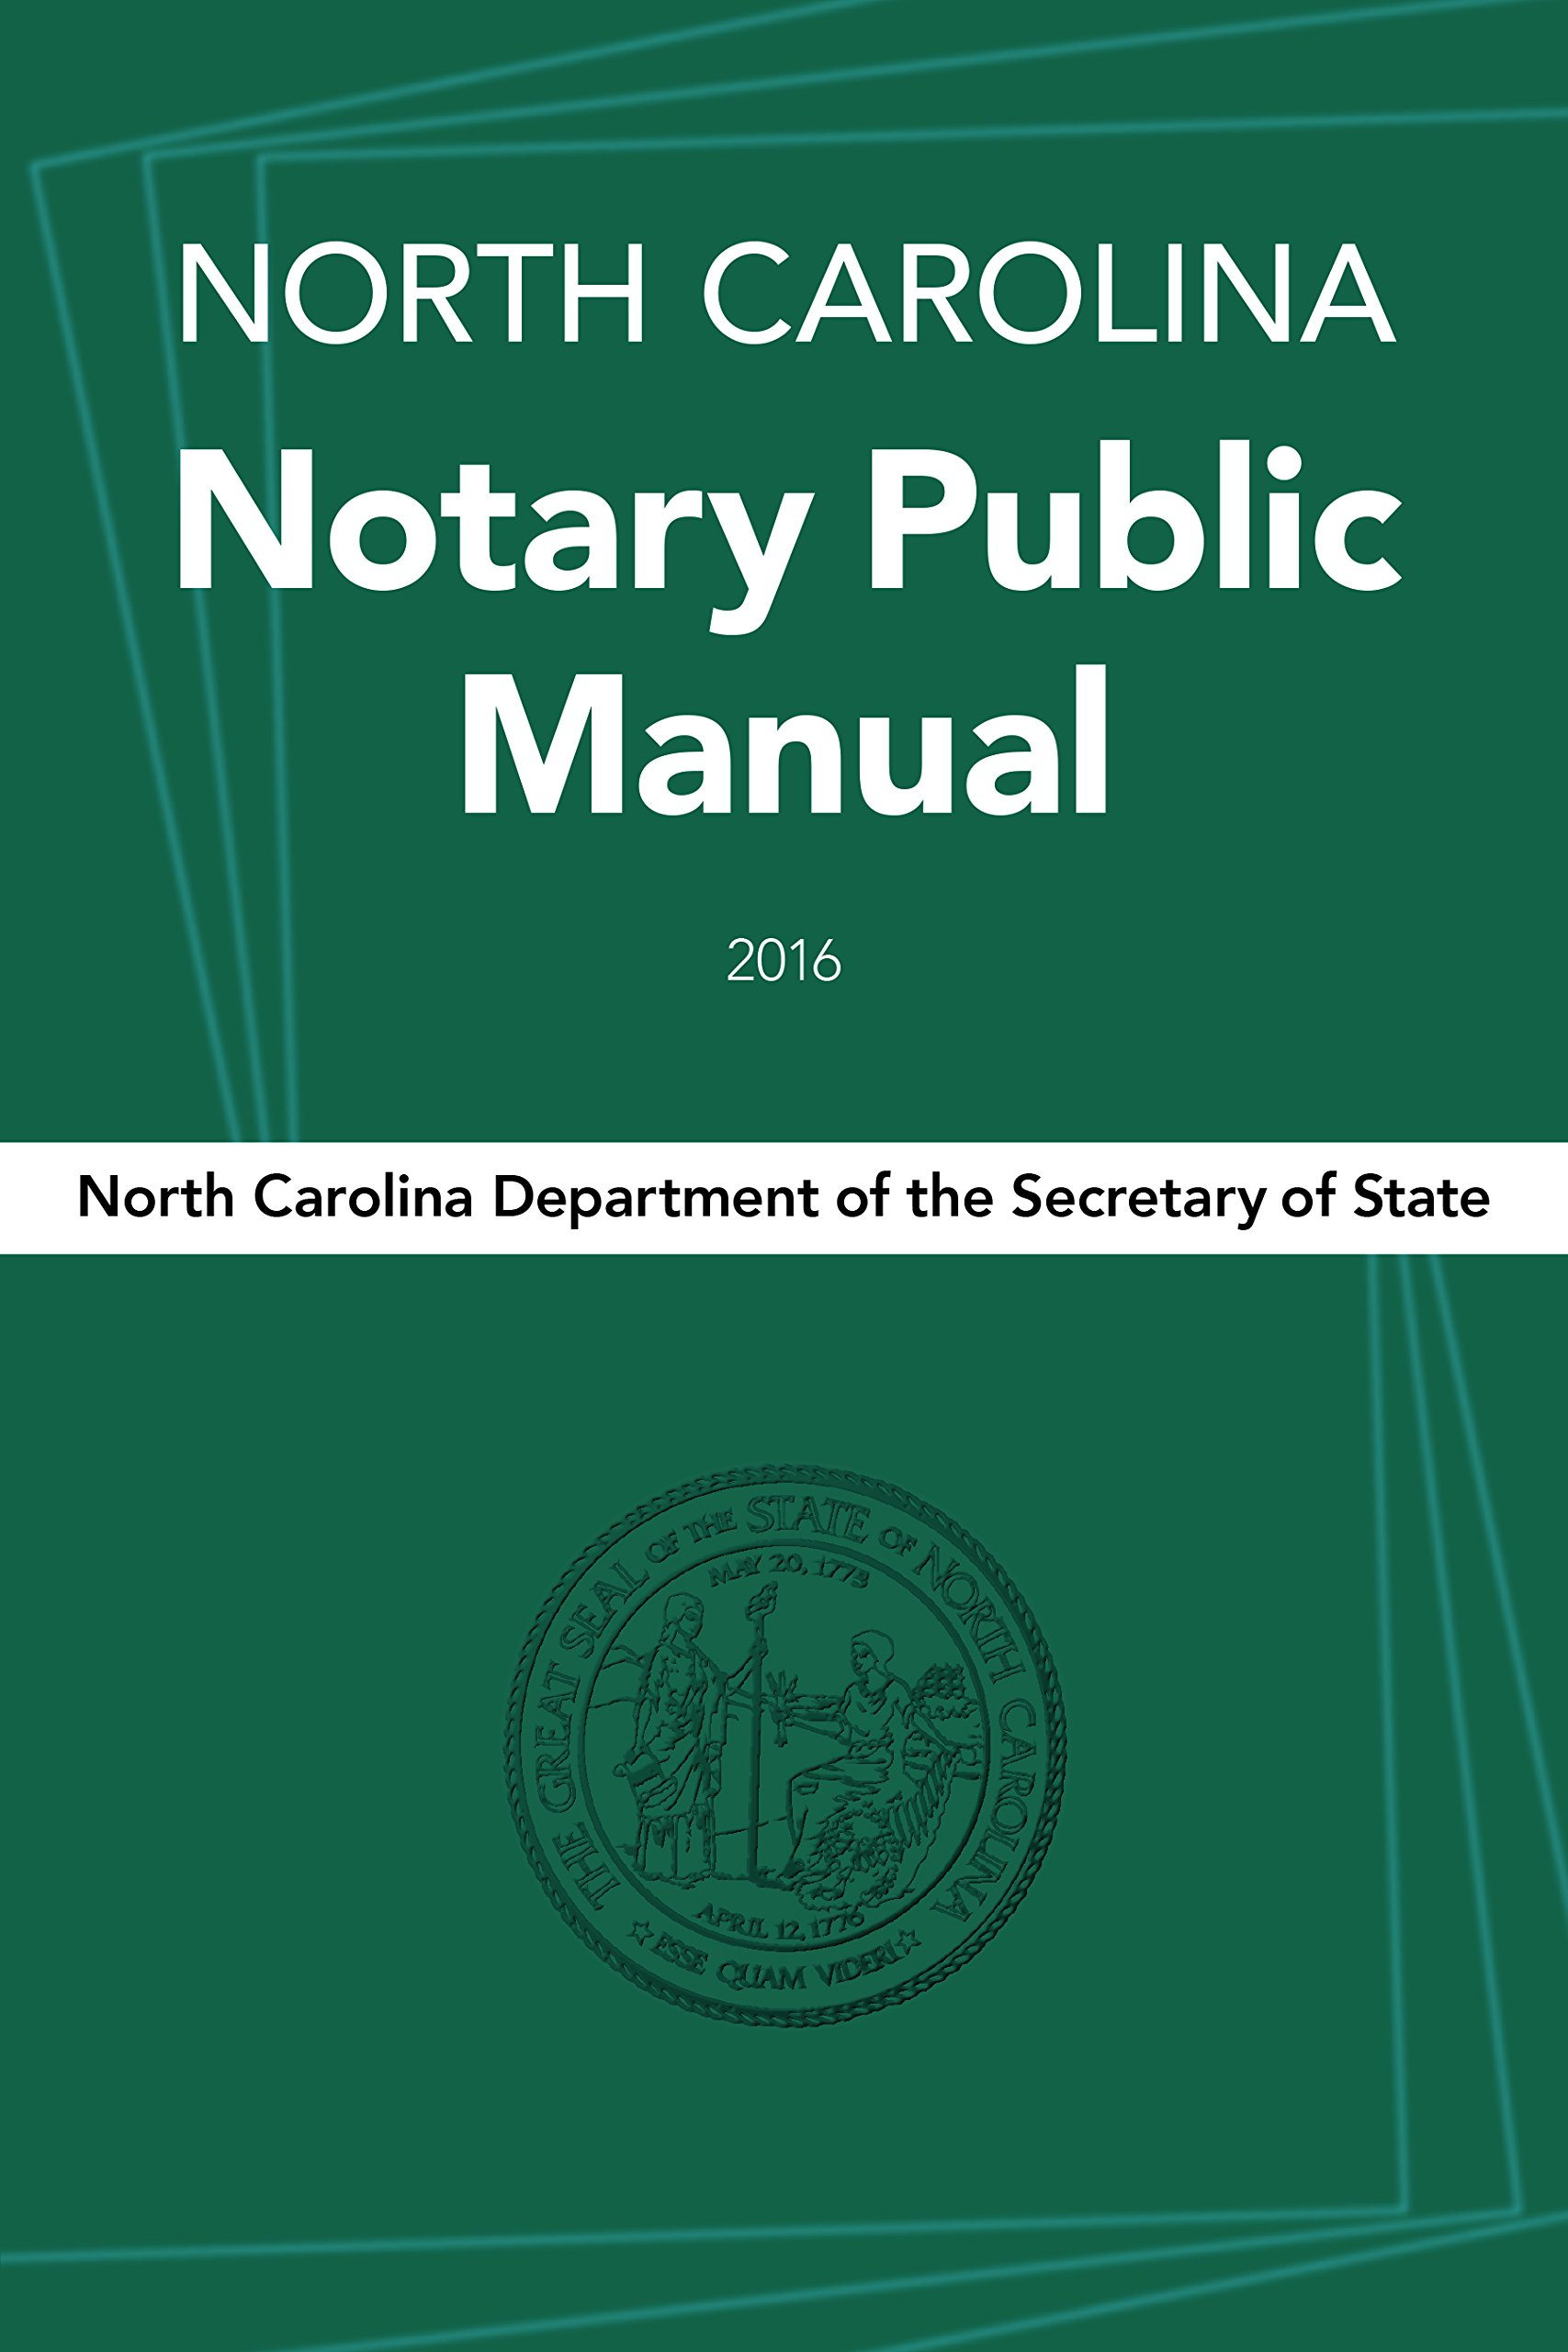 North Carolina Notary Public Manual